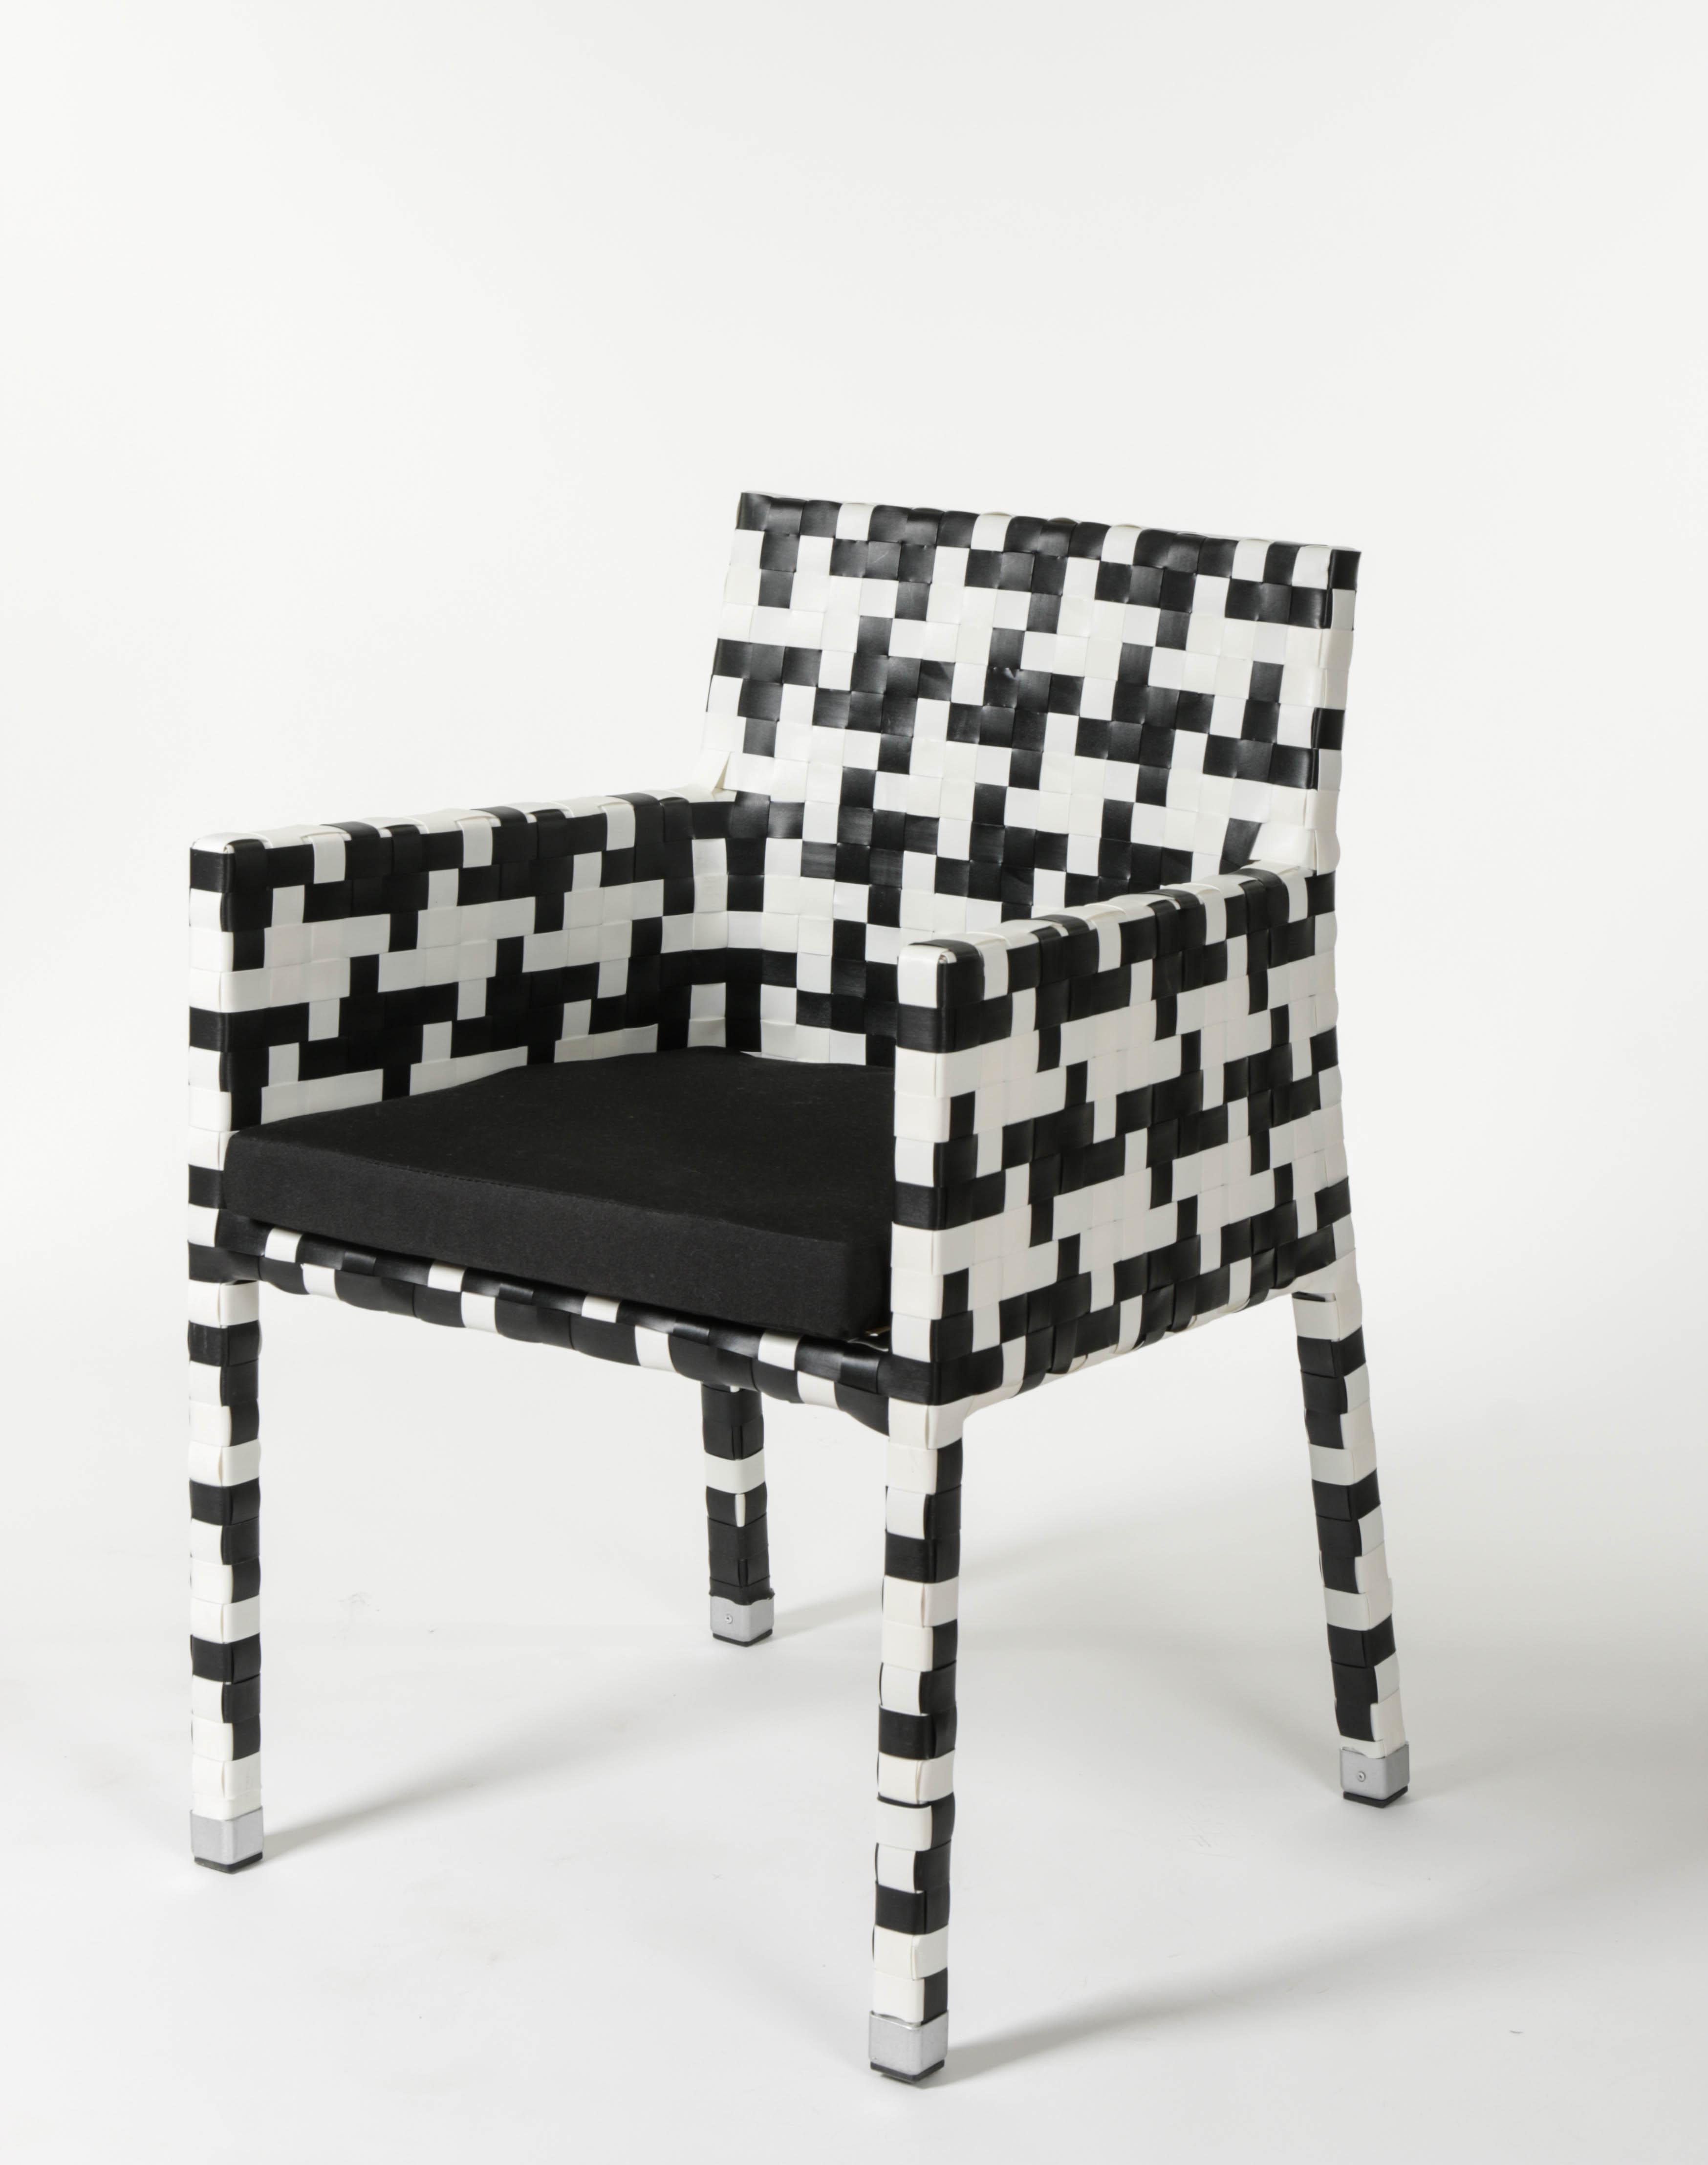 алуминиев стол от изкуствен ратан с черно бяла оплетка